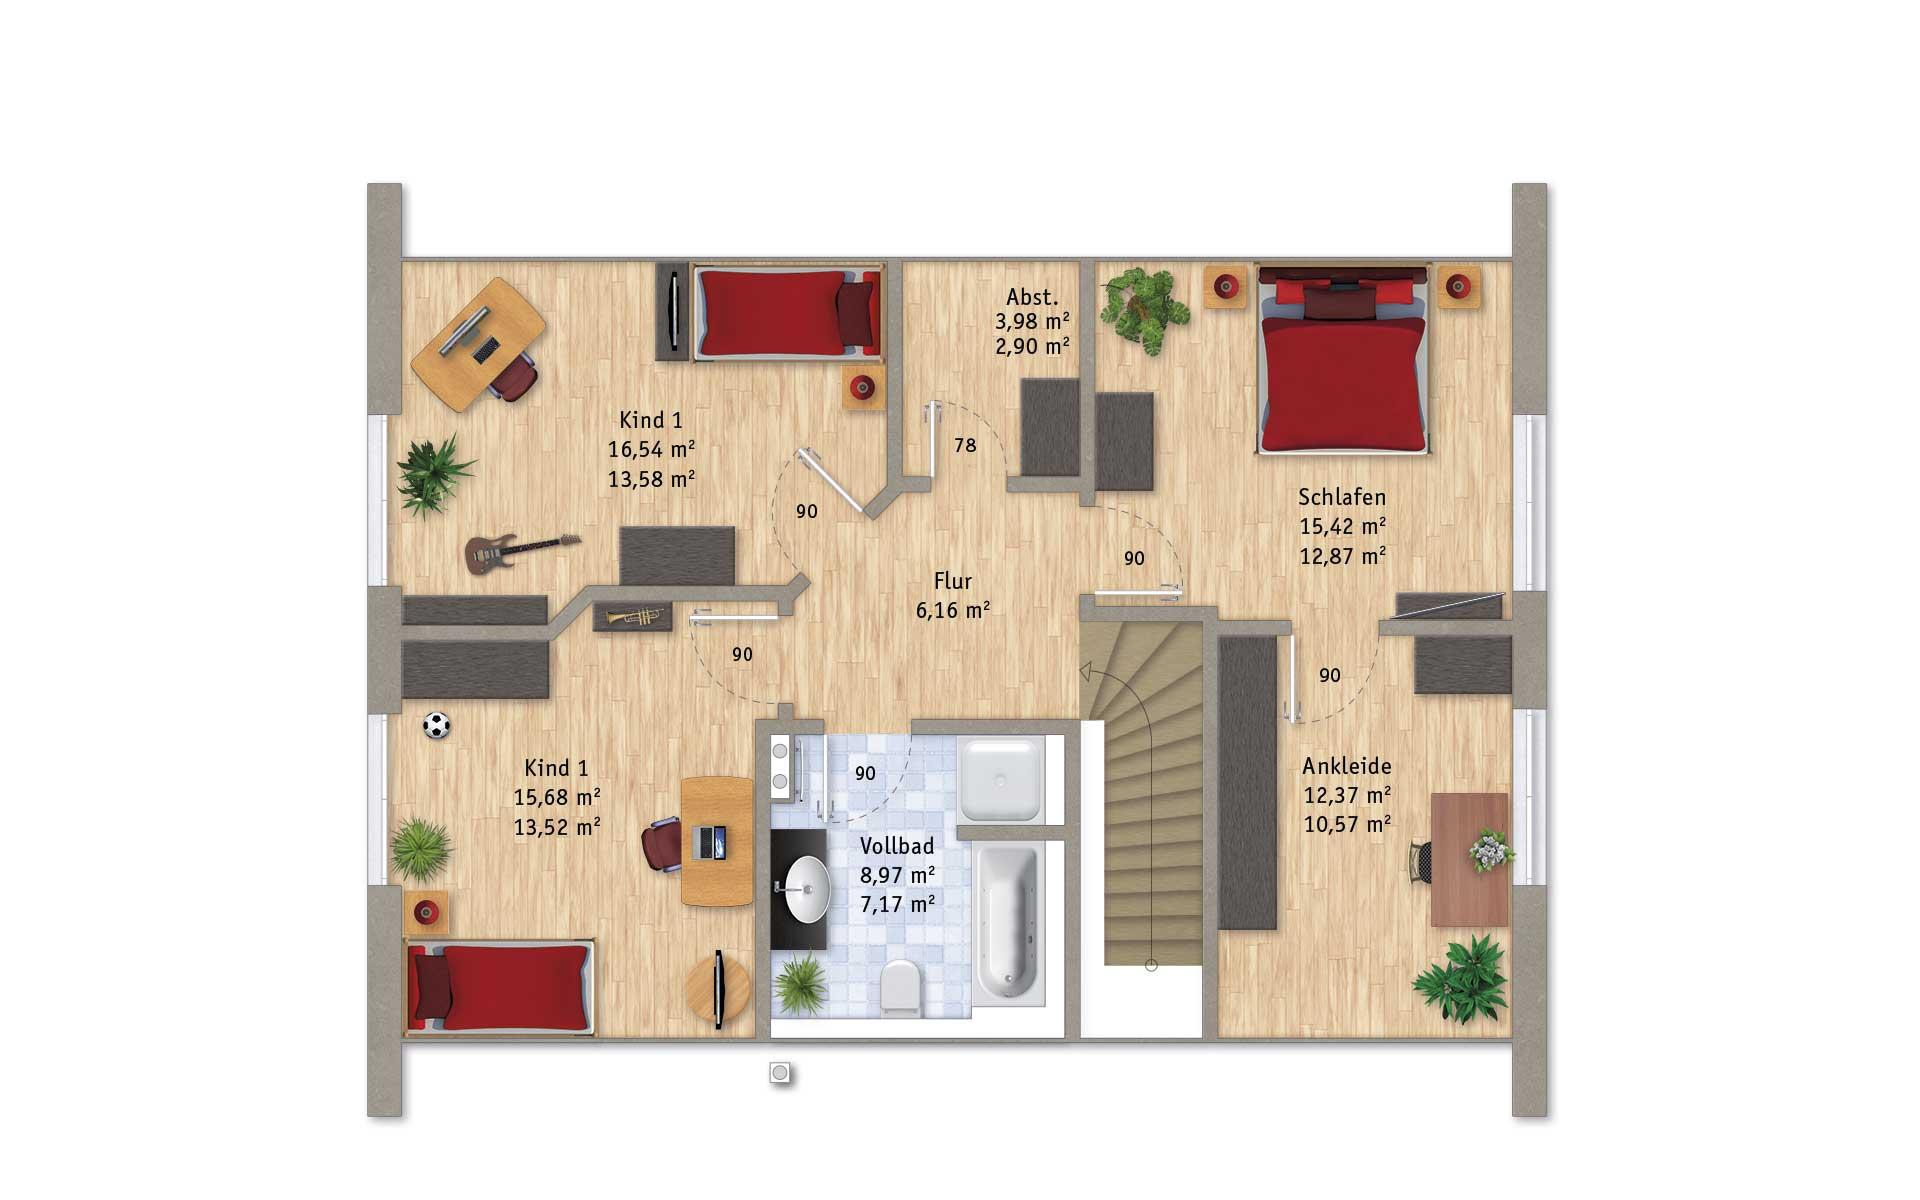 Dachgeschoss VarioFamily 180 von VarioSelf Lizenzgesellschaft mbH